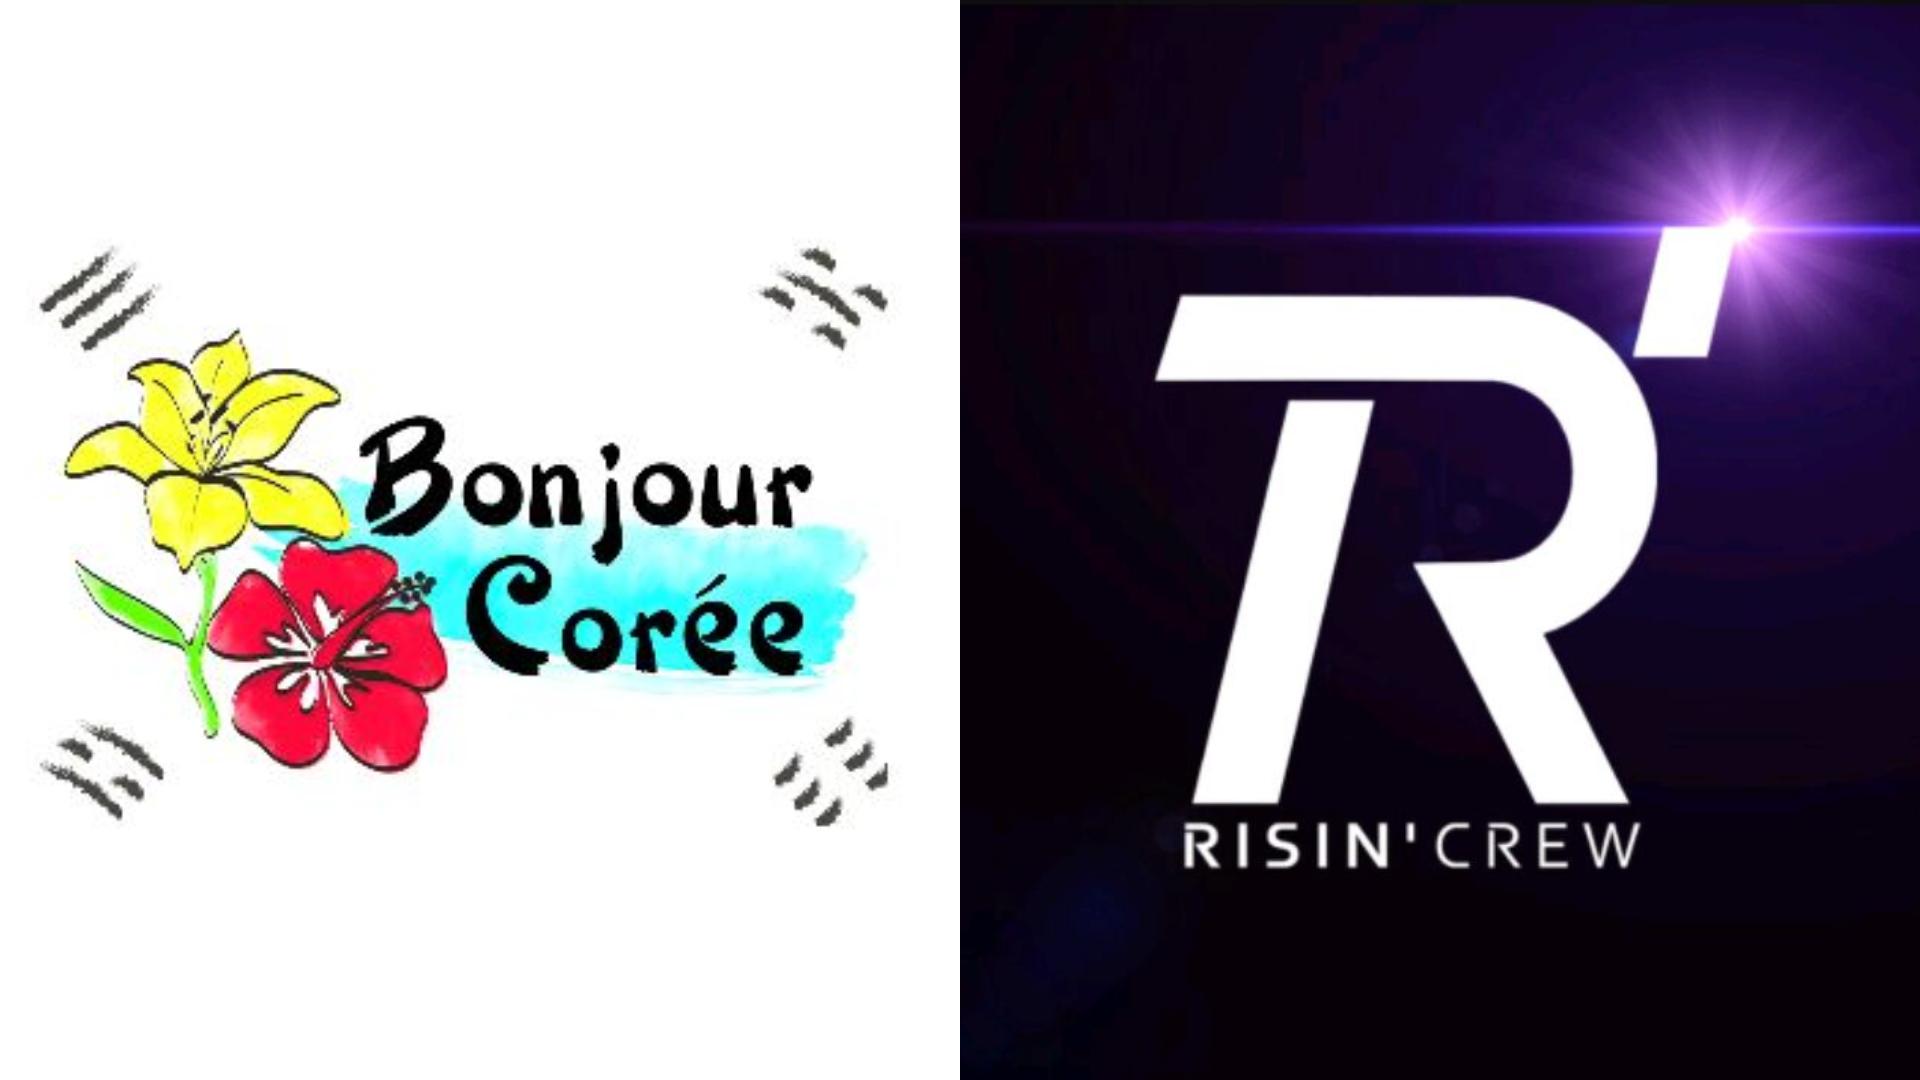 Le Groupe De Danse Risin Crew Rejoint Bonjour Corée